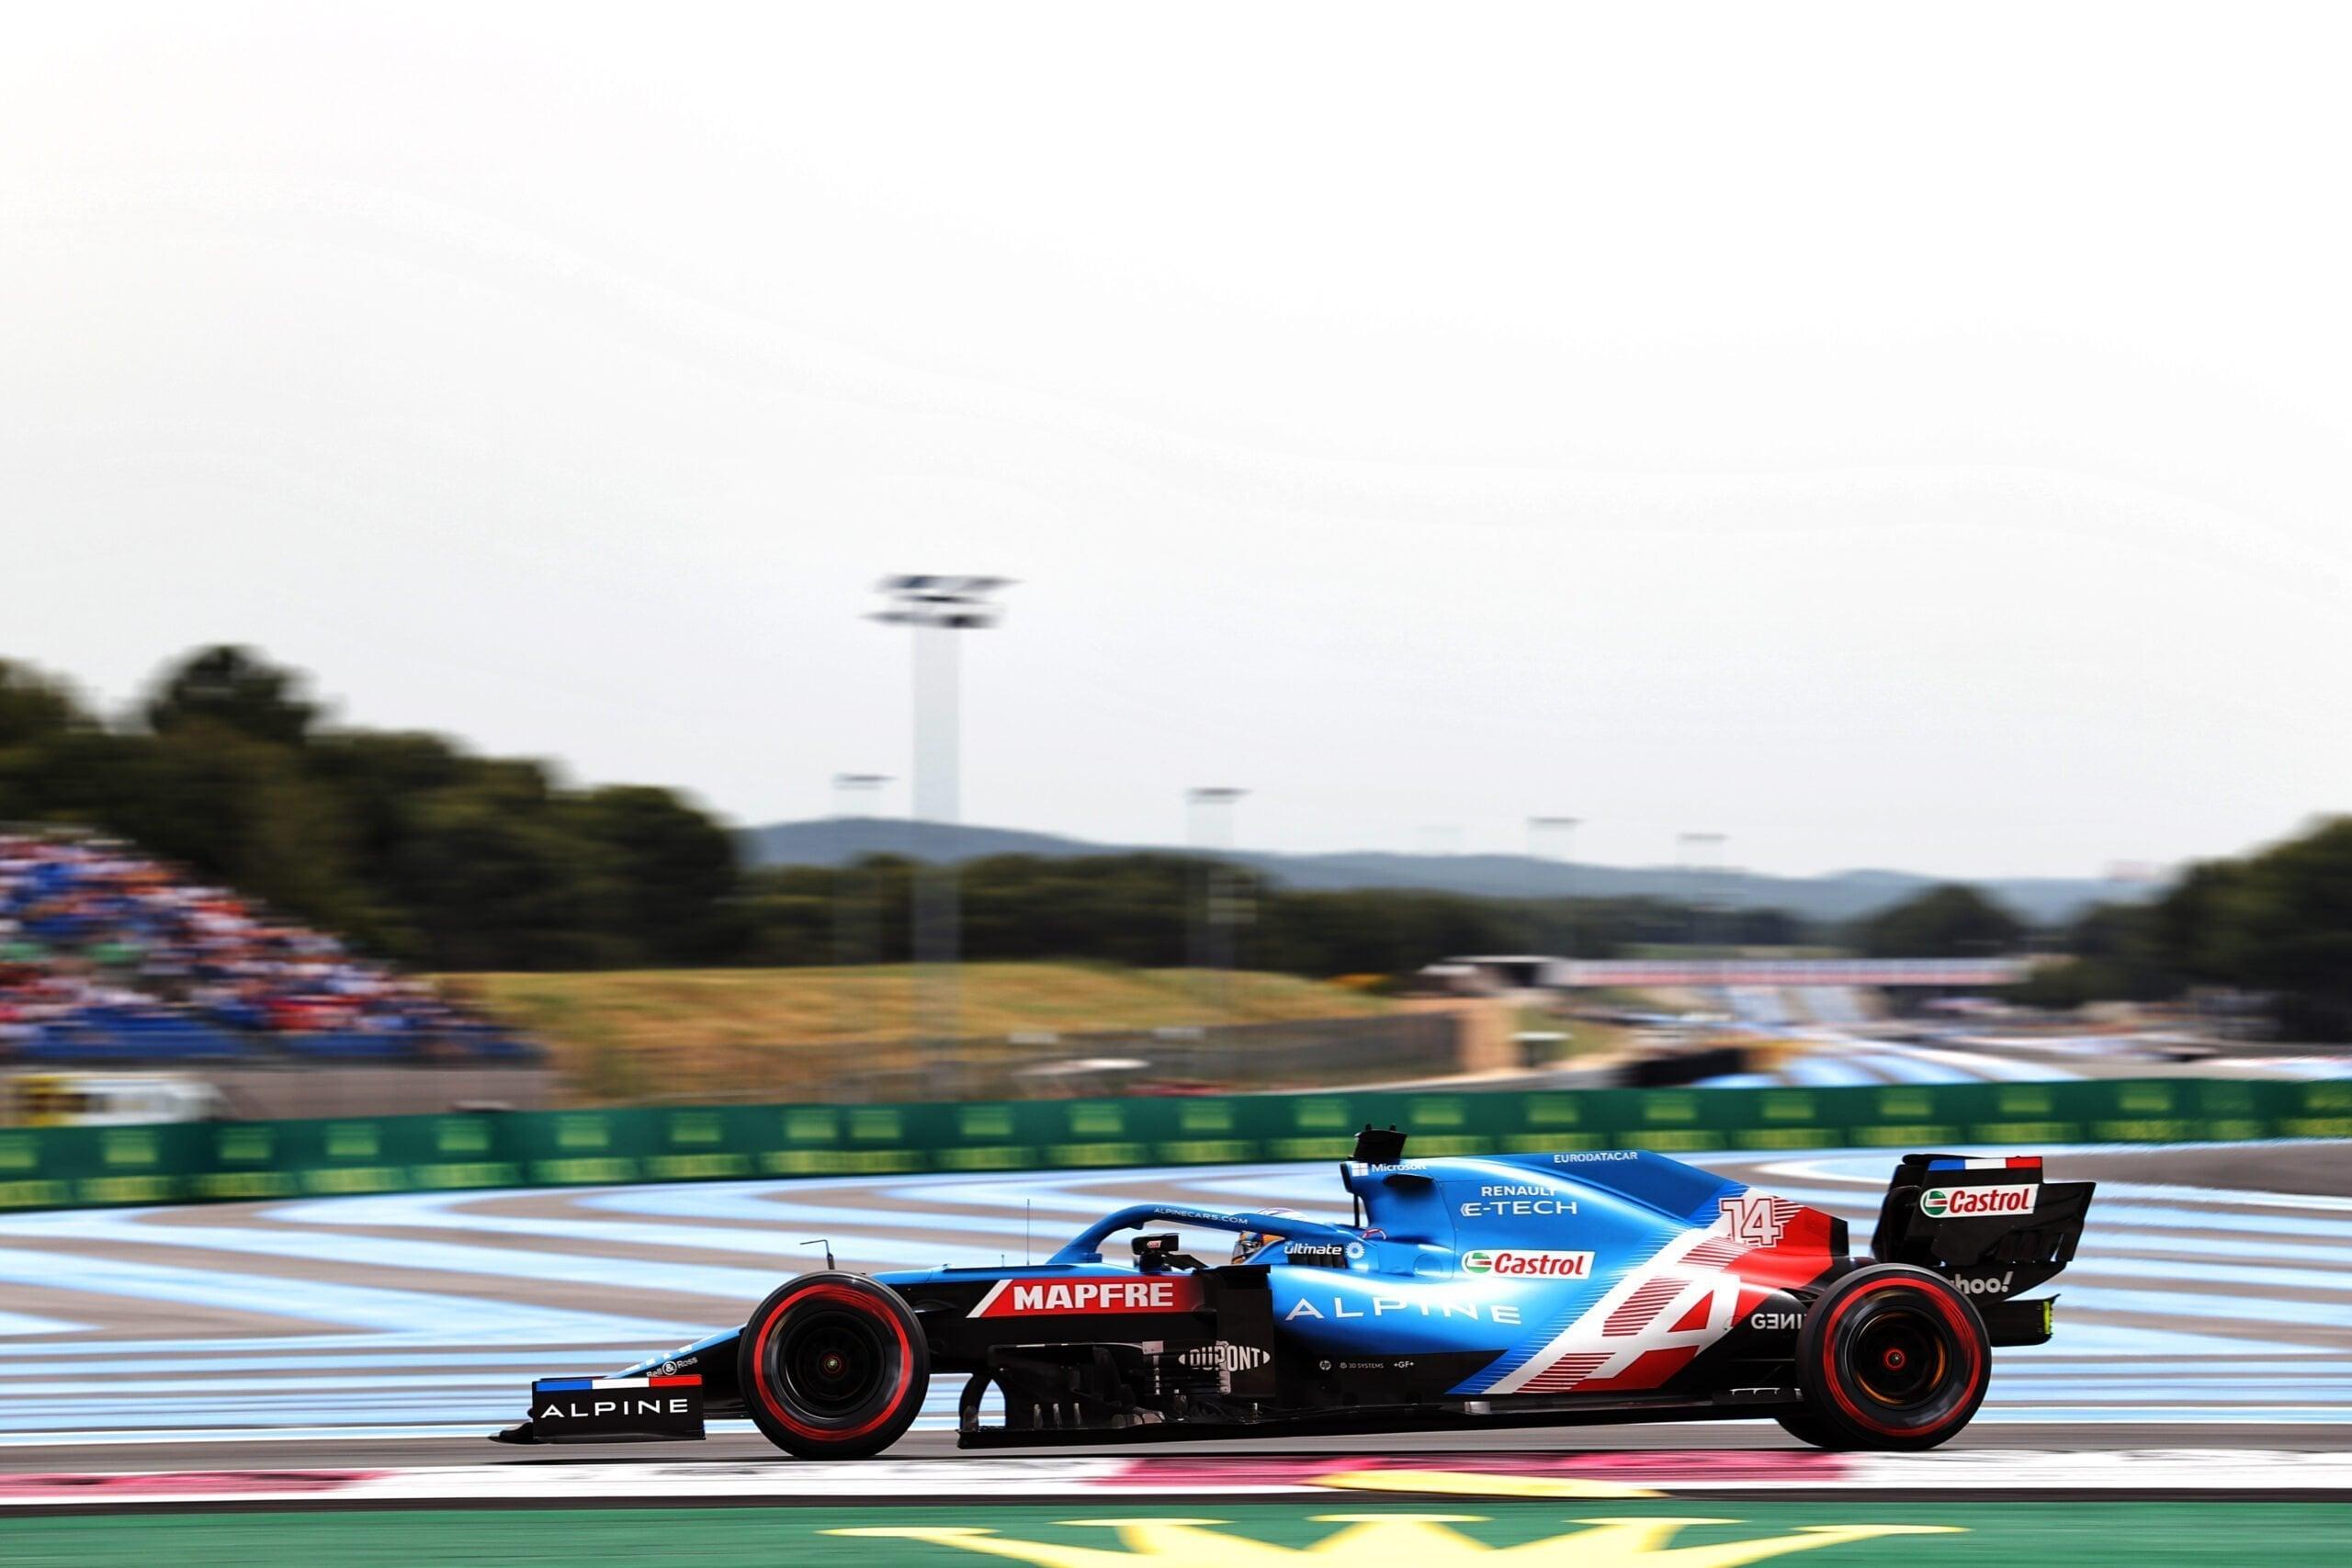 Alpine F1 Alonso Ocon A521 Castellet Paul Ricard 2021 4 scaled | Alpine F1 : des essais convaincants au Grand Prix Emirates de France